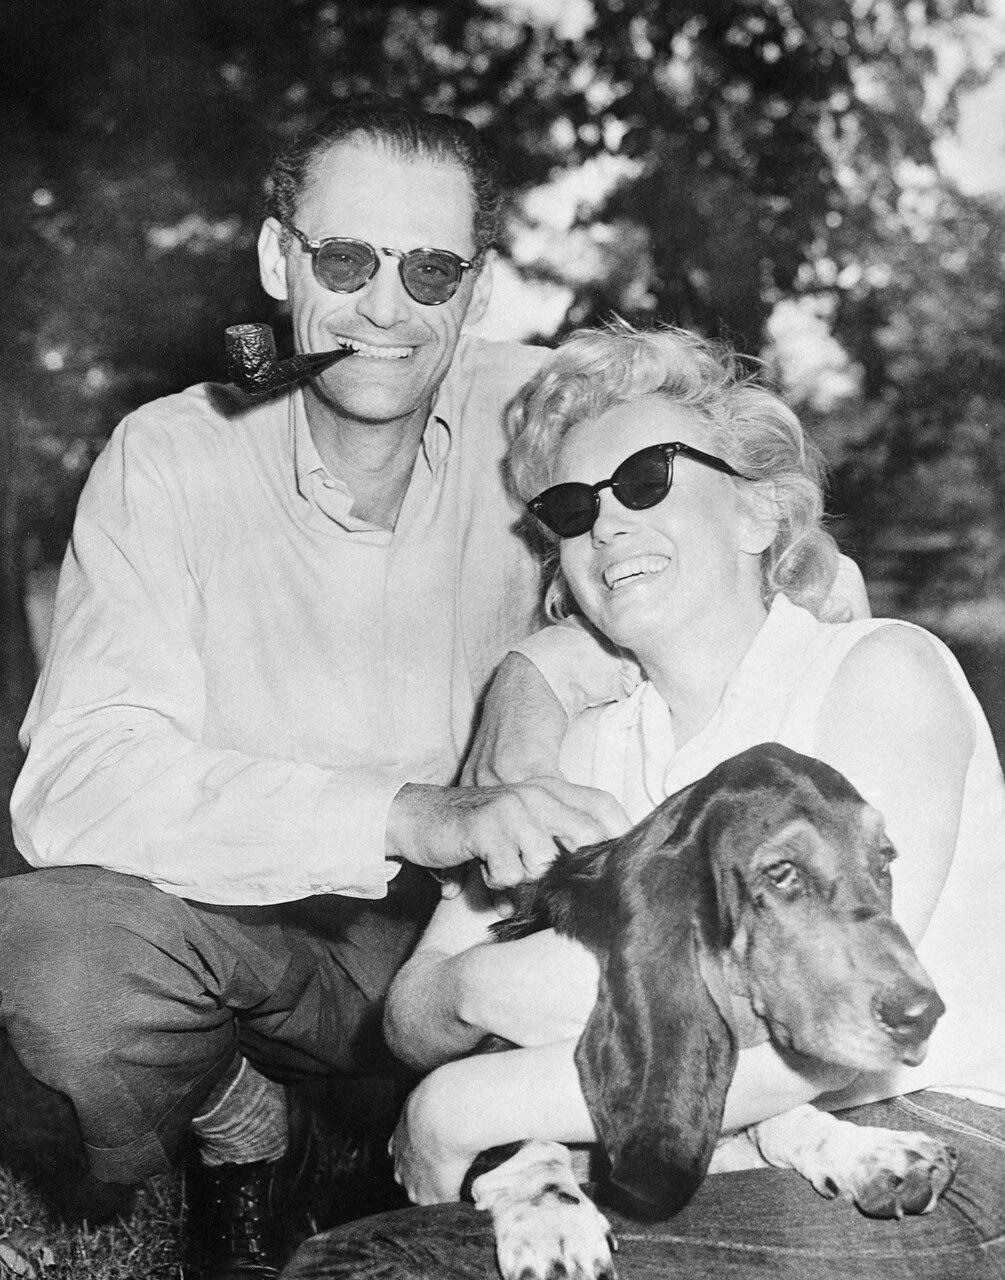 Marilyn Monroe, Arthur Miller, and Hugo